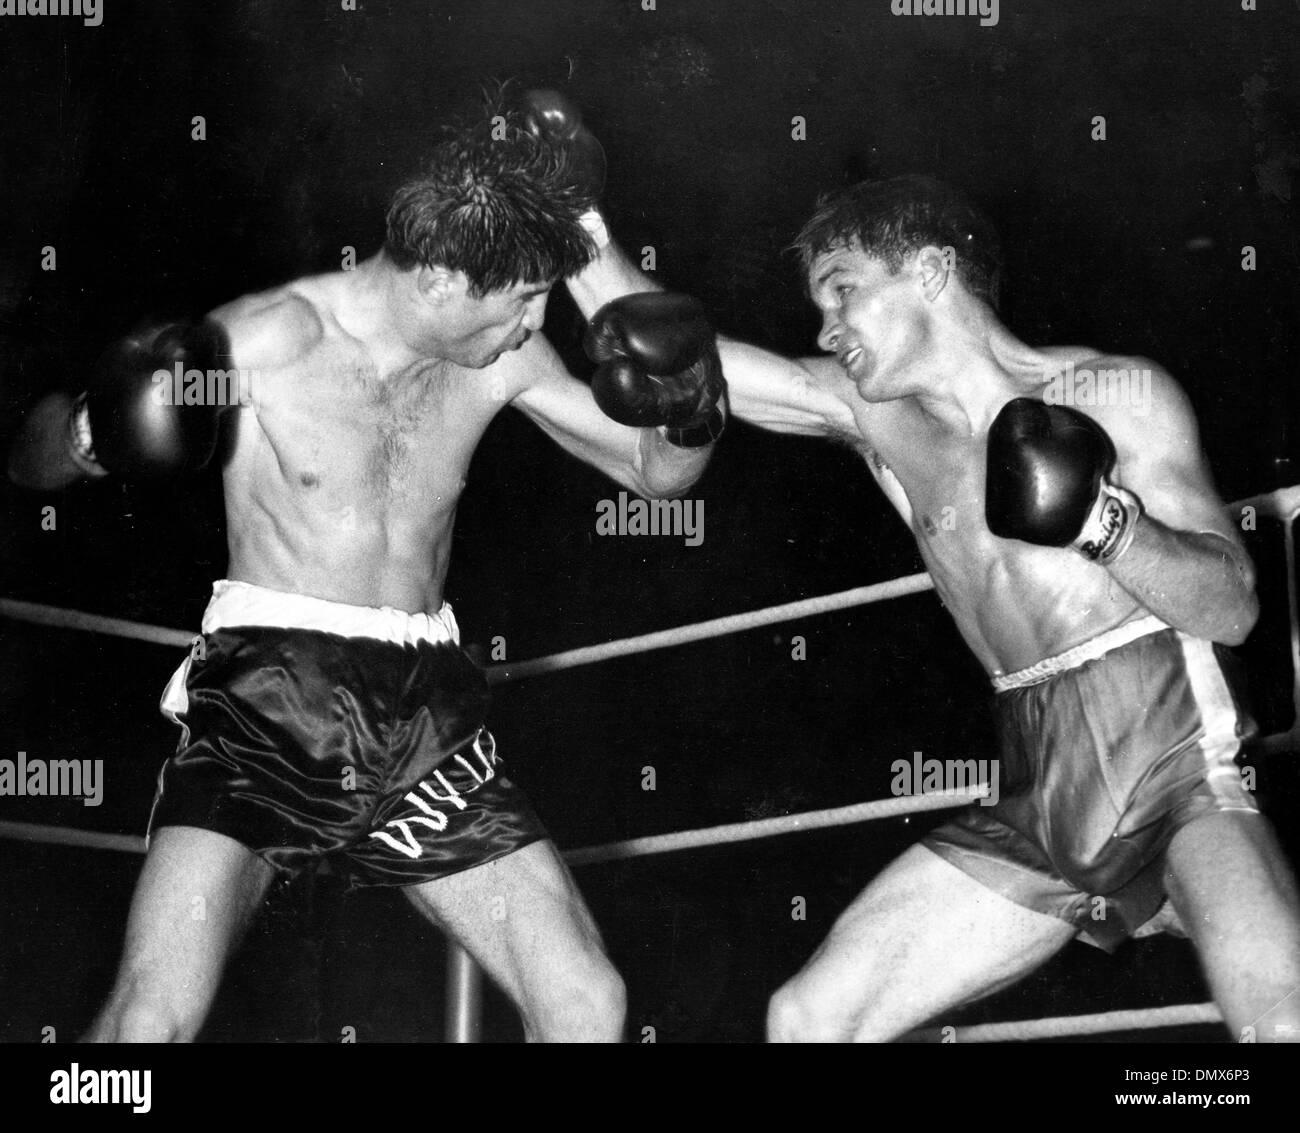 9 luglio 1957 - Londra, Inghilterra, Regno Unito - DAVE CHARNLEY era un boxer leggero. Conosciuto come 'il Dartford Foto Stock